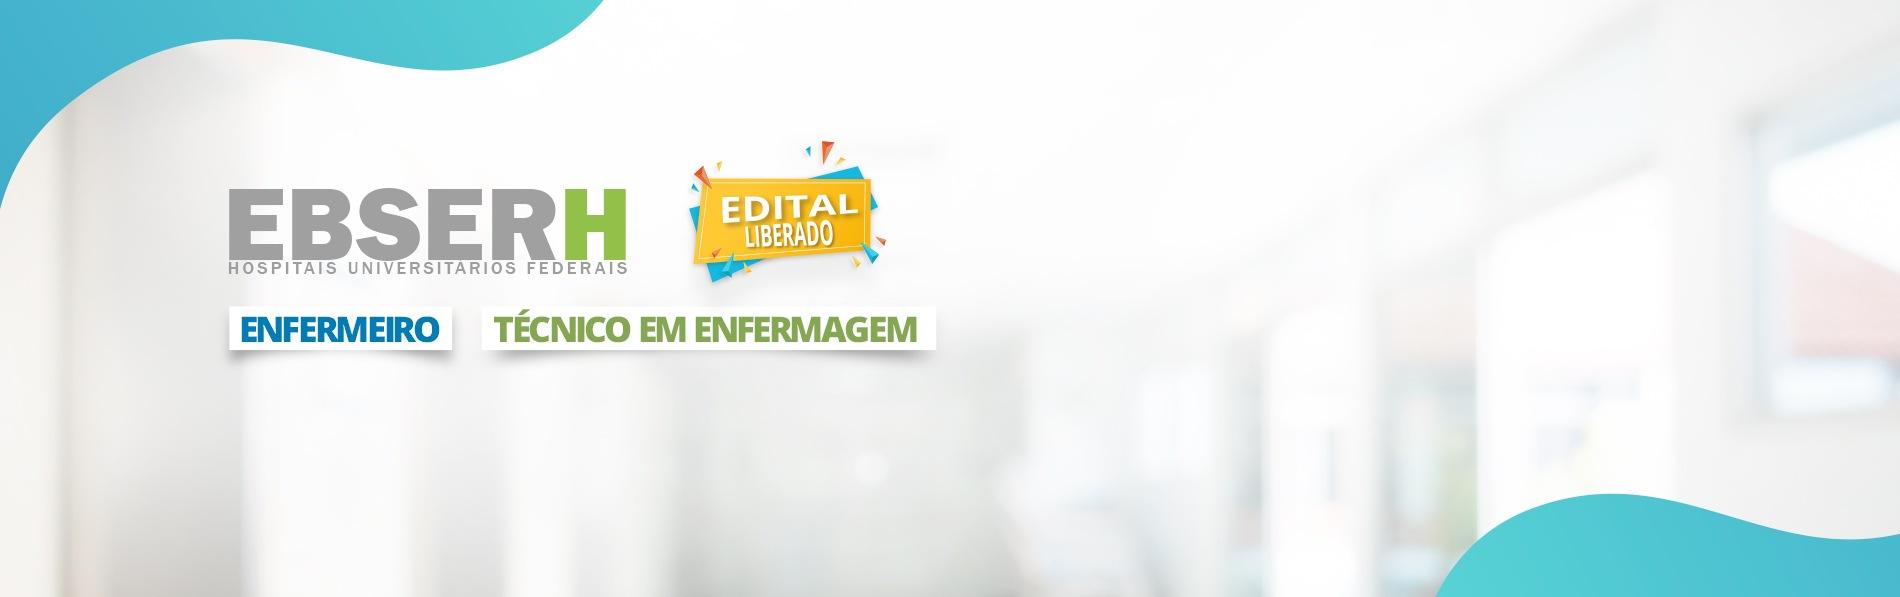 EBSERH Concurso Nacional